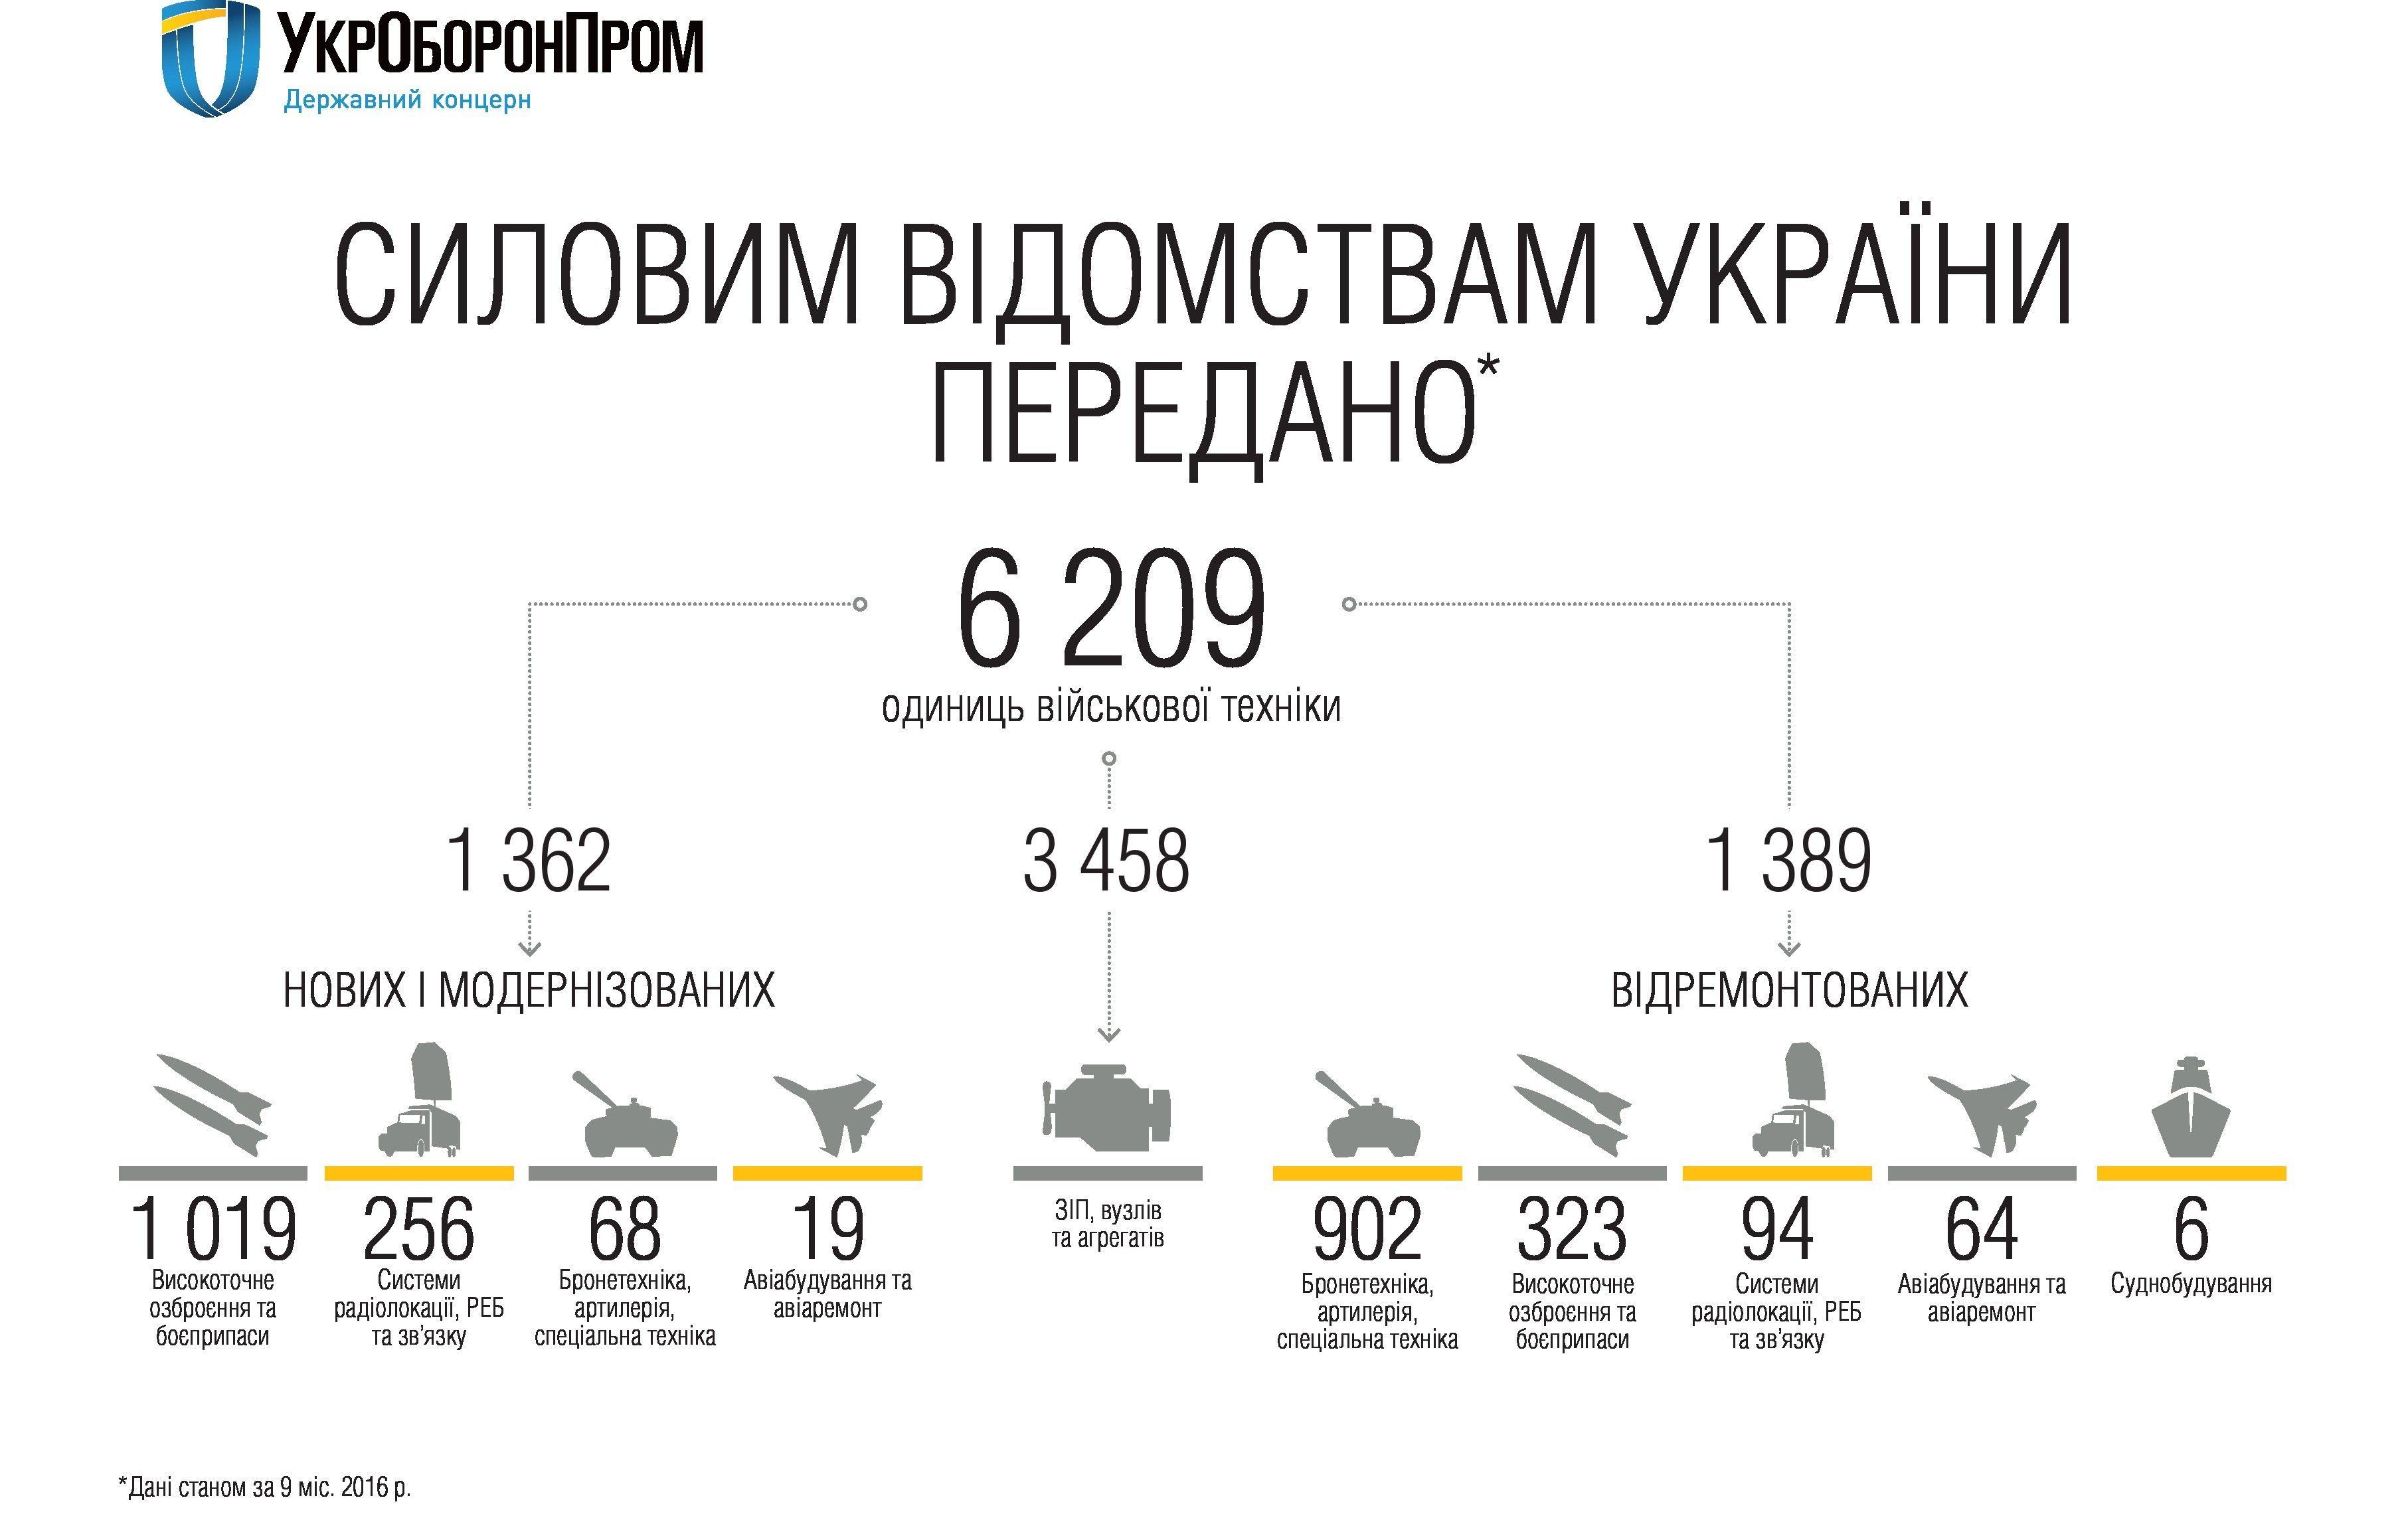 Зброя і техніка для української армії у 2016 році